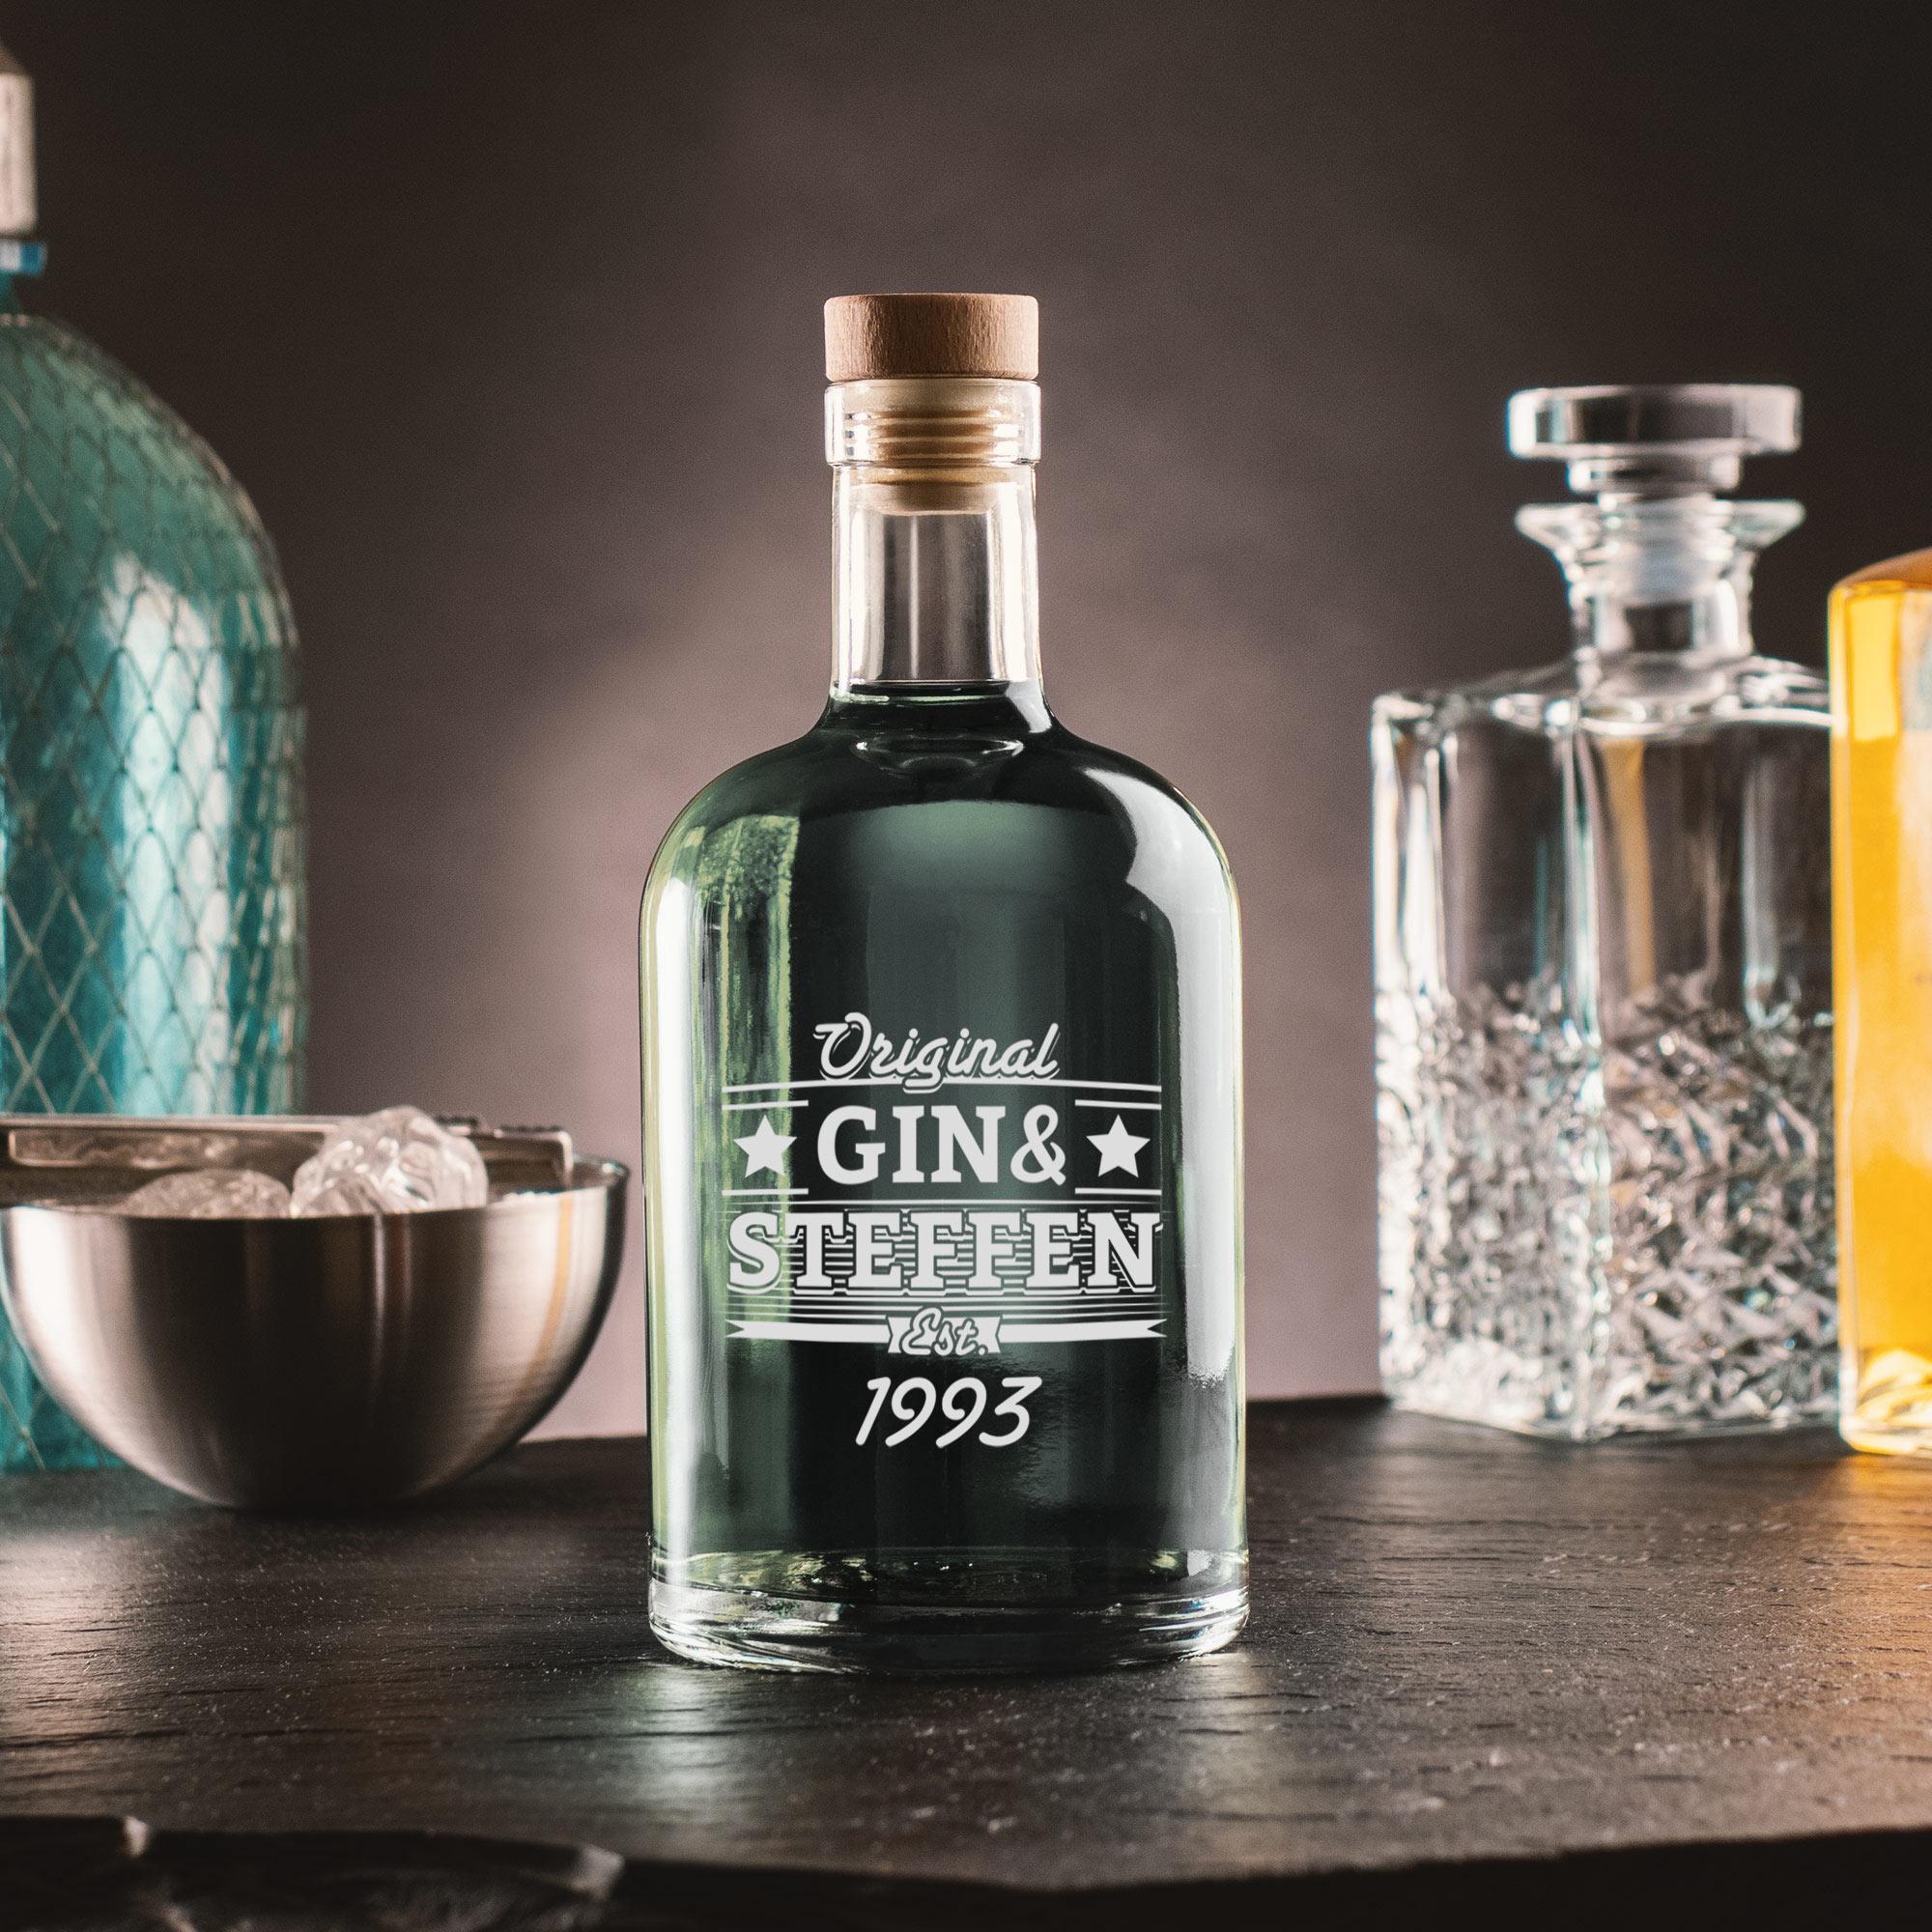 Glaskaraffe mit Gin & Geburtstag Gravur - Personalisiert